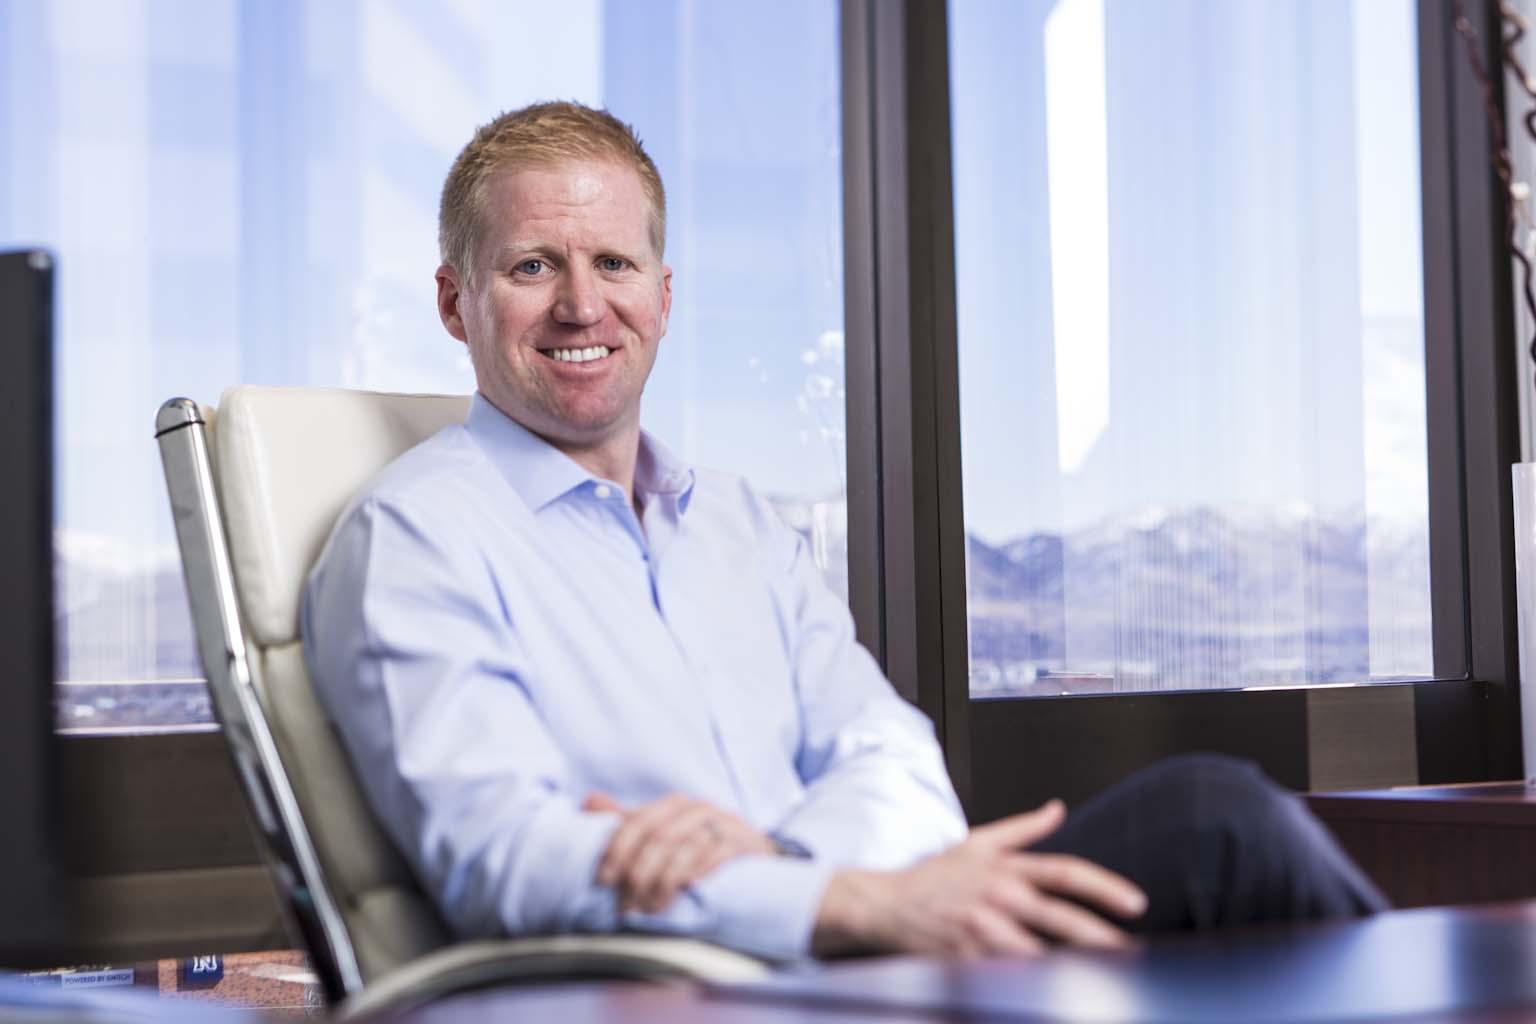 Kyle McCann - CERTIFIED FINANCIAL PLANNERVIEW FULL BIO